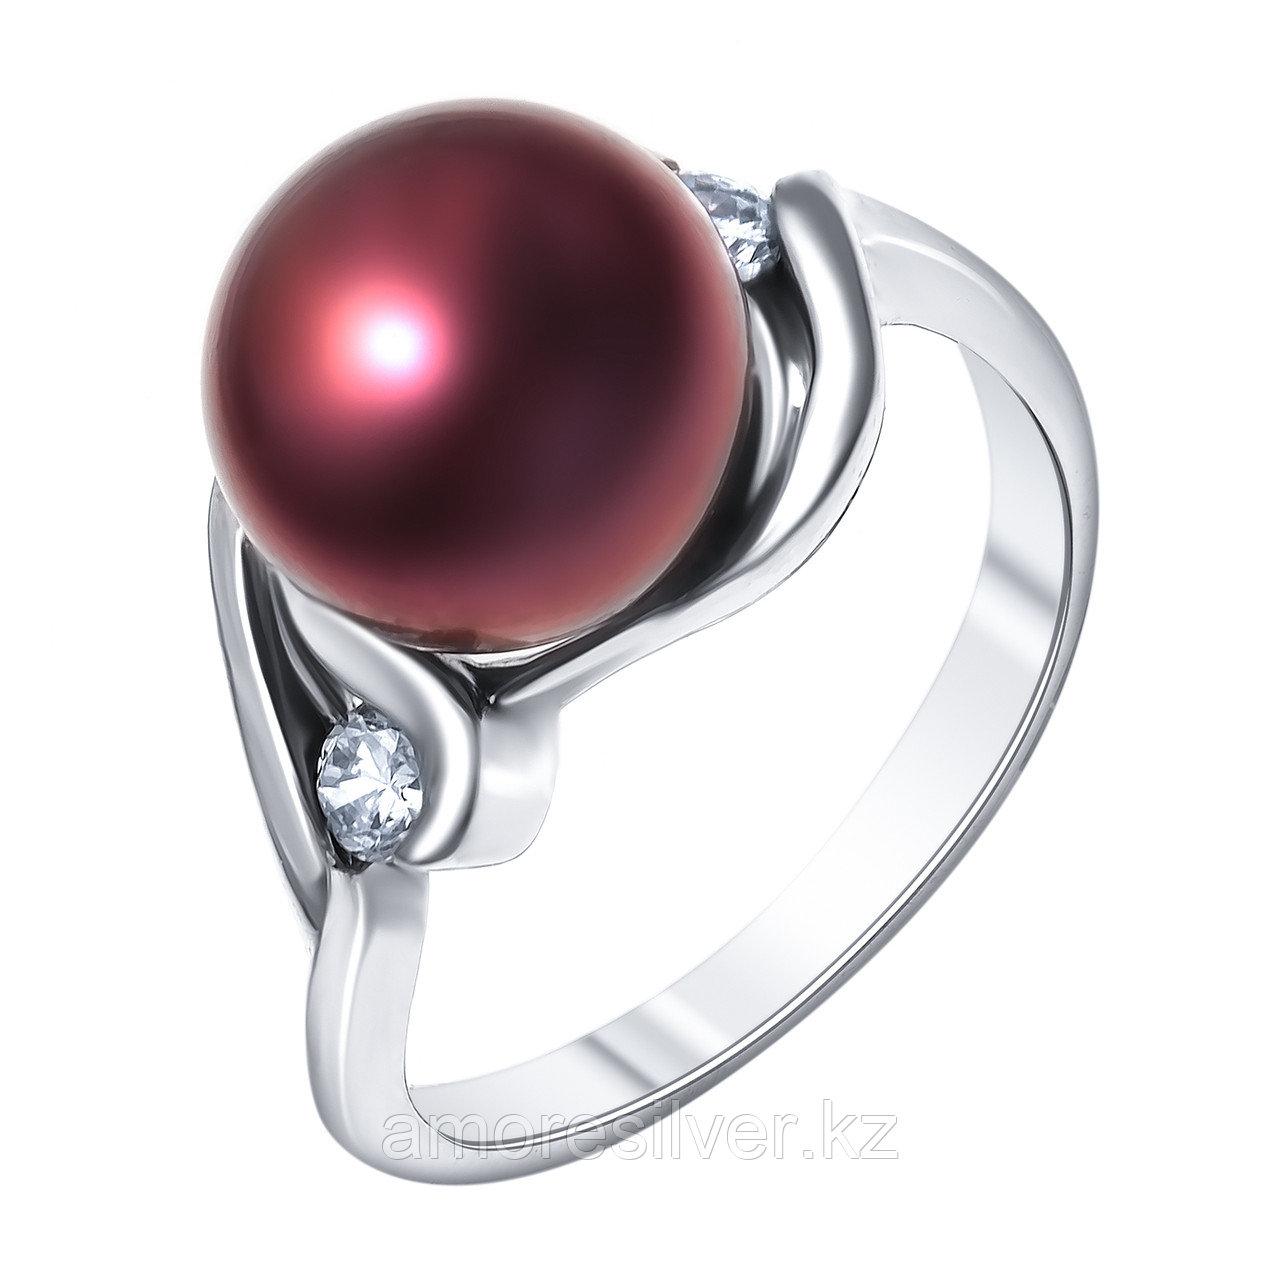 """Кольцо ЮК """"Серебро"""" серебро с родием, жемчуг черный культ. фианит, многокаменка MR3171-BL"""